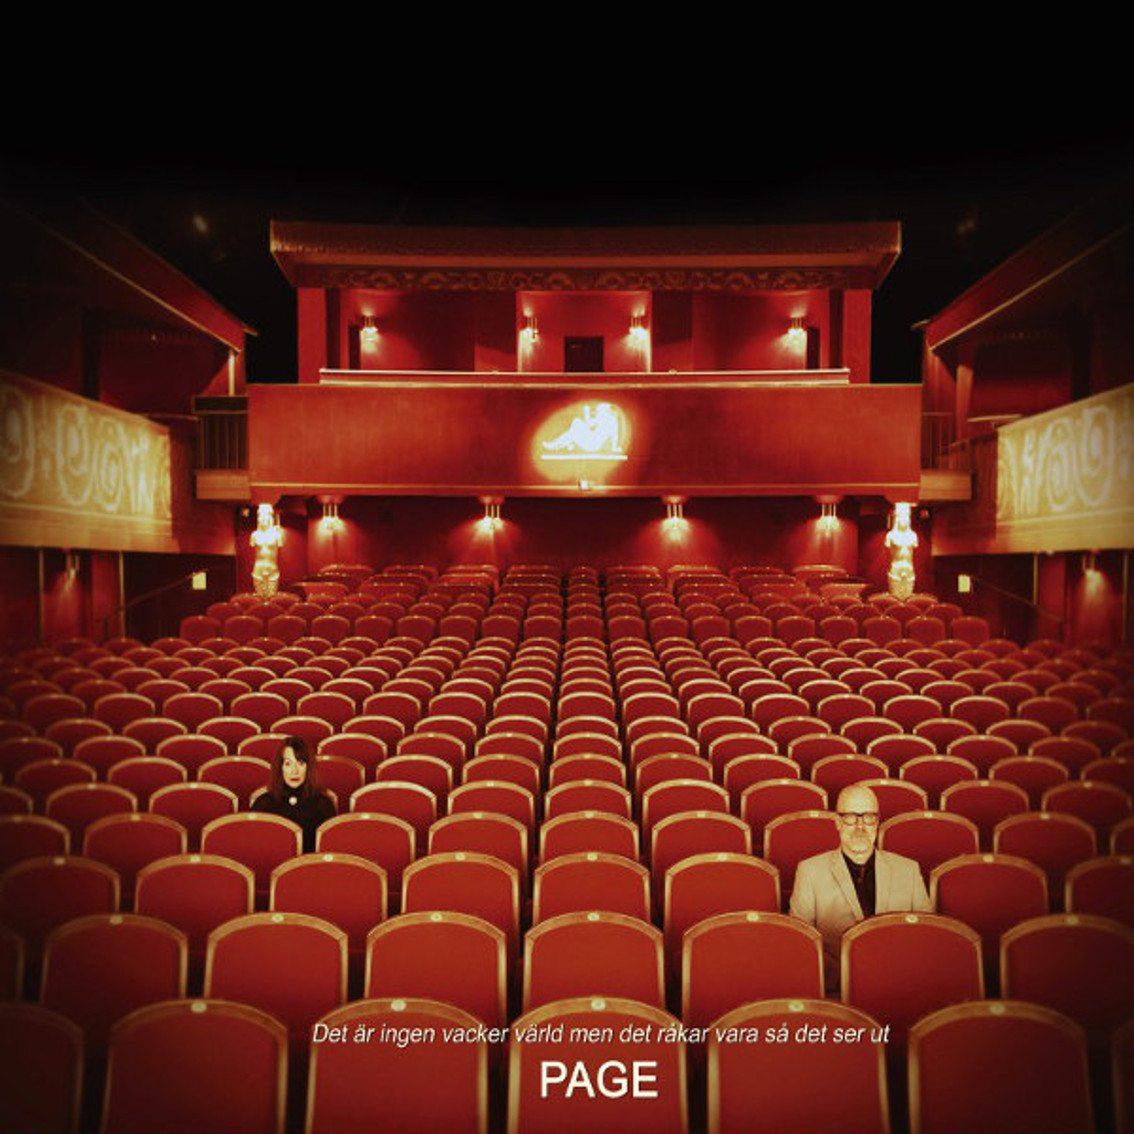 First preview of new Page album (vinyl/CD):'Det är ingen vacker värld men det råkar vara så det ser ut' - get yours here